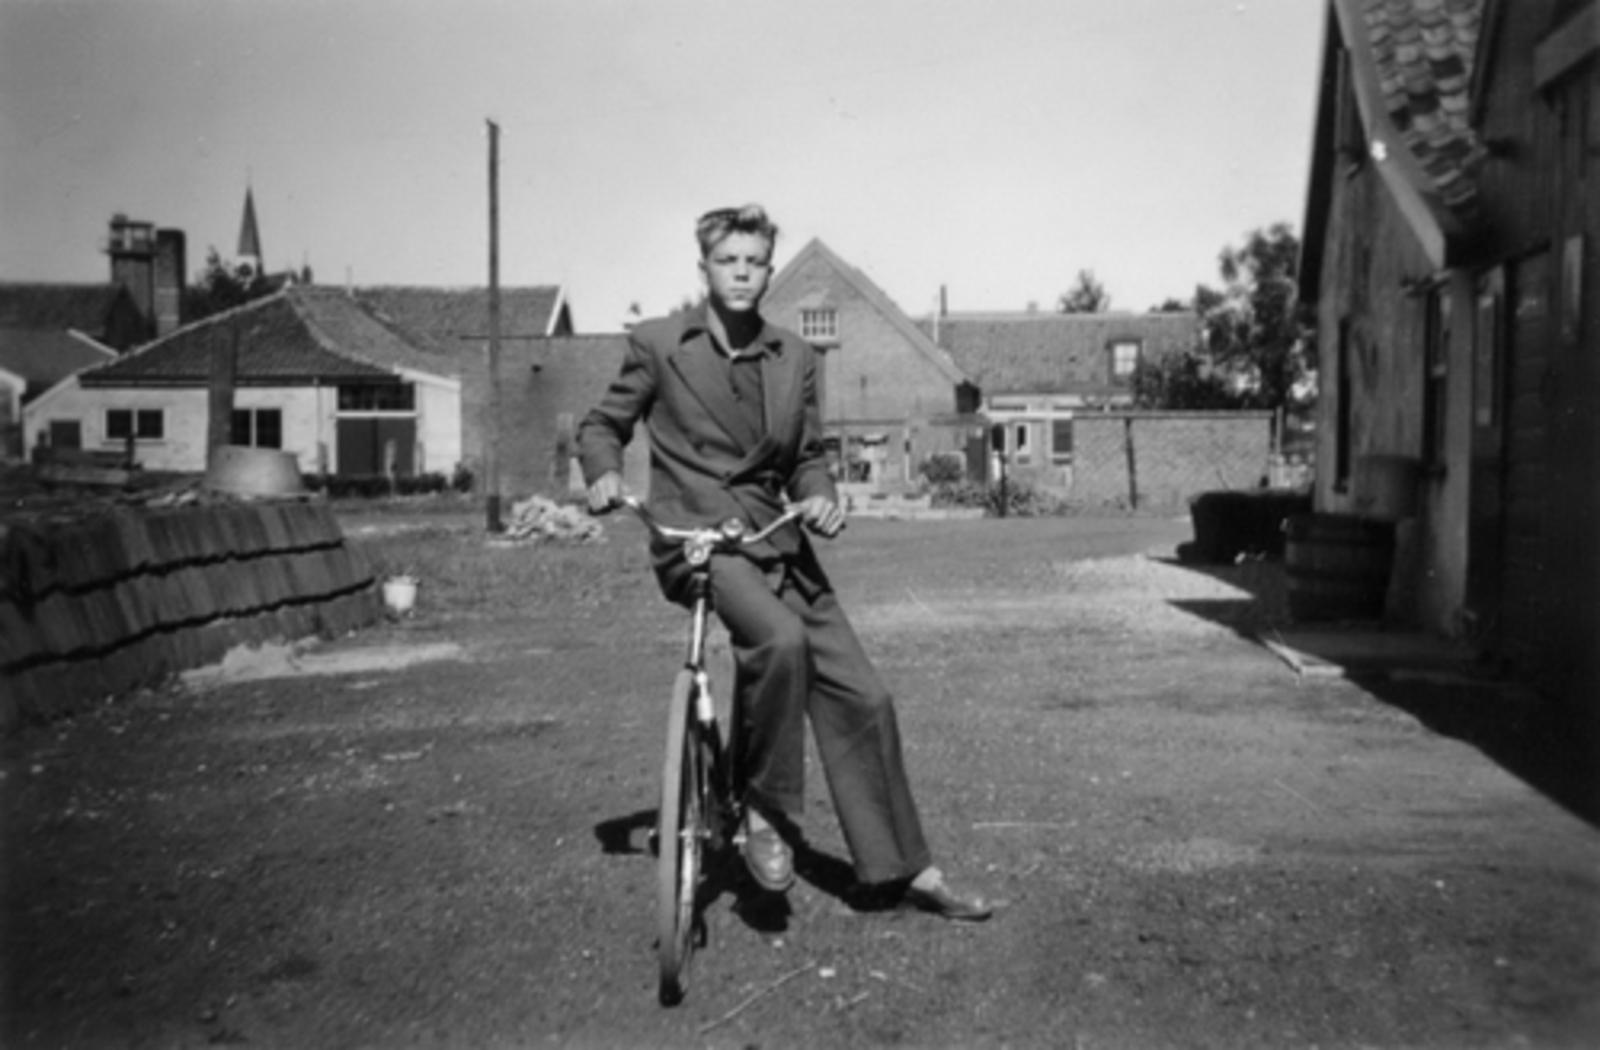 Tuinweg N 0020± 1951± met Cees Bosman op Erf Tuinweg 23